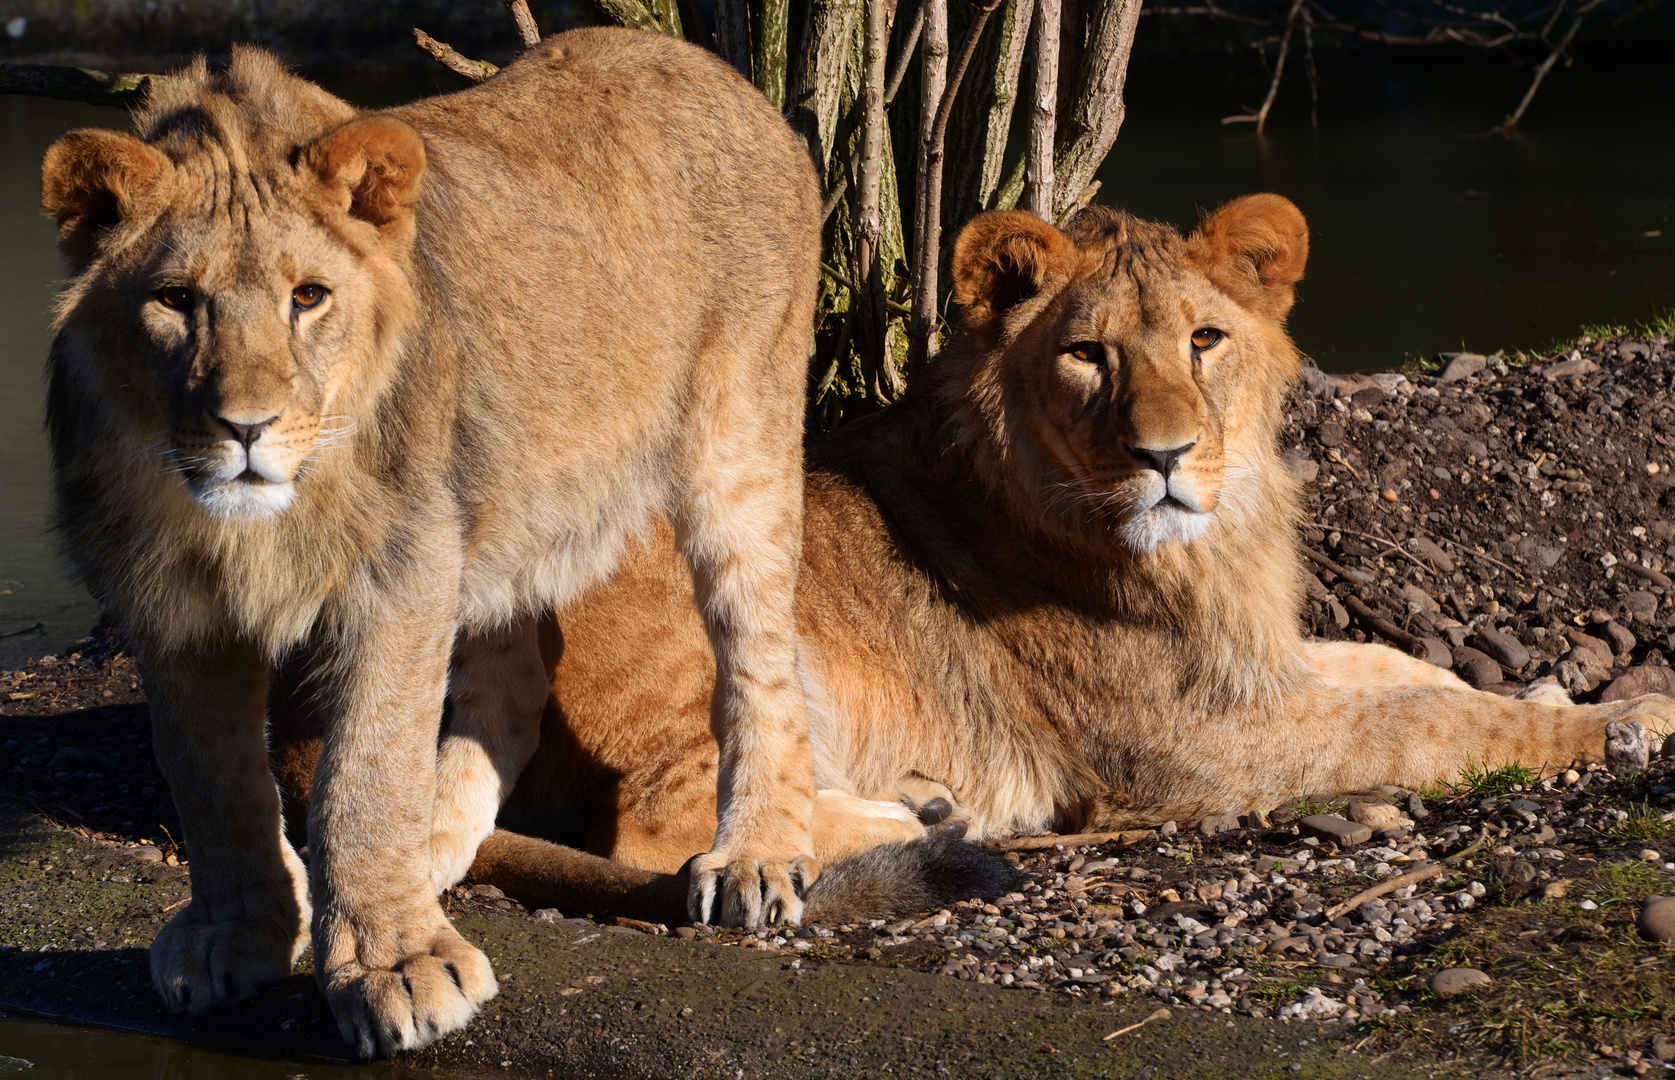 zwei junge Löwen des Löwenpaares im Dortmunder Zoo (haben heut' Drolliges erlebt ...)